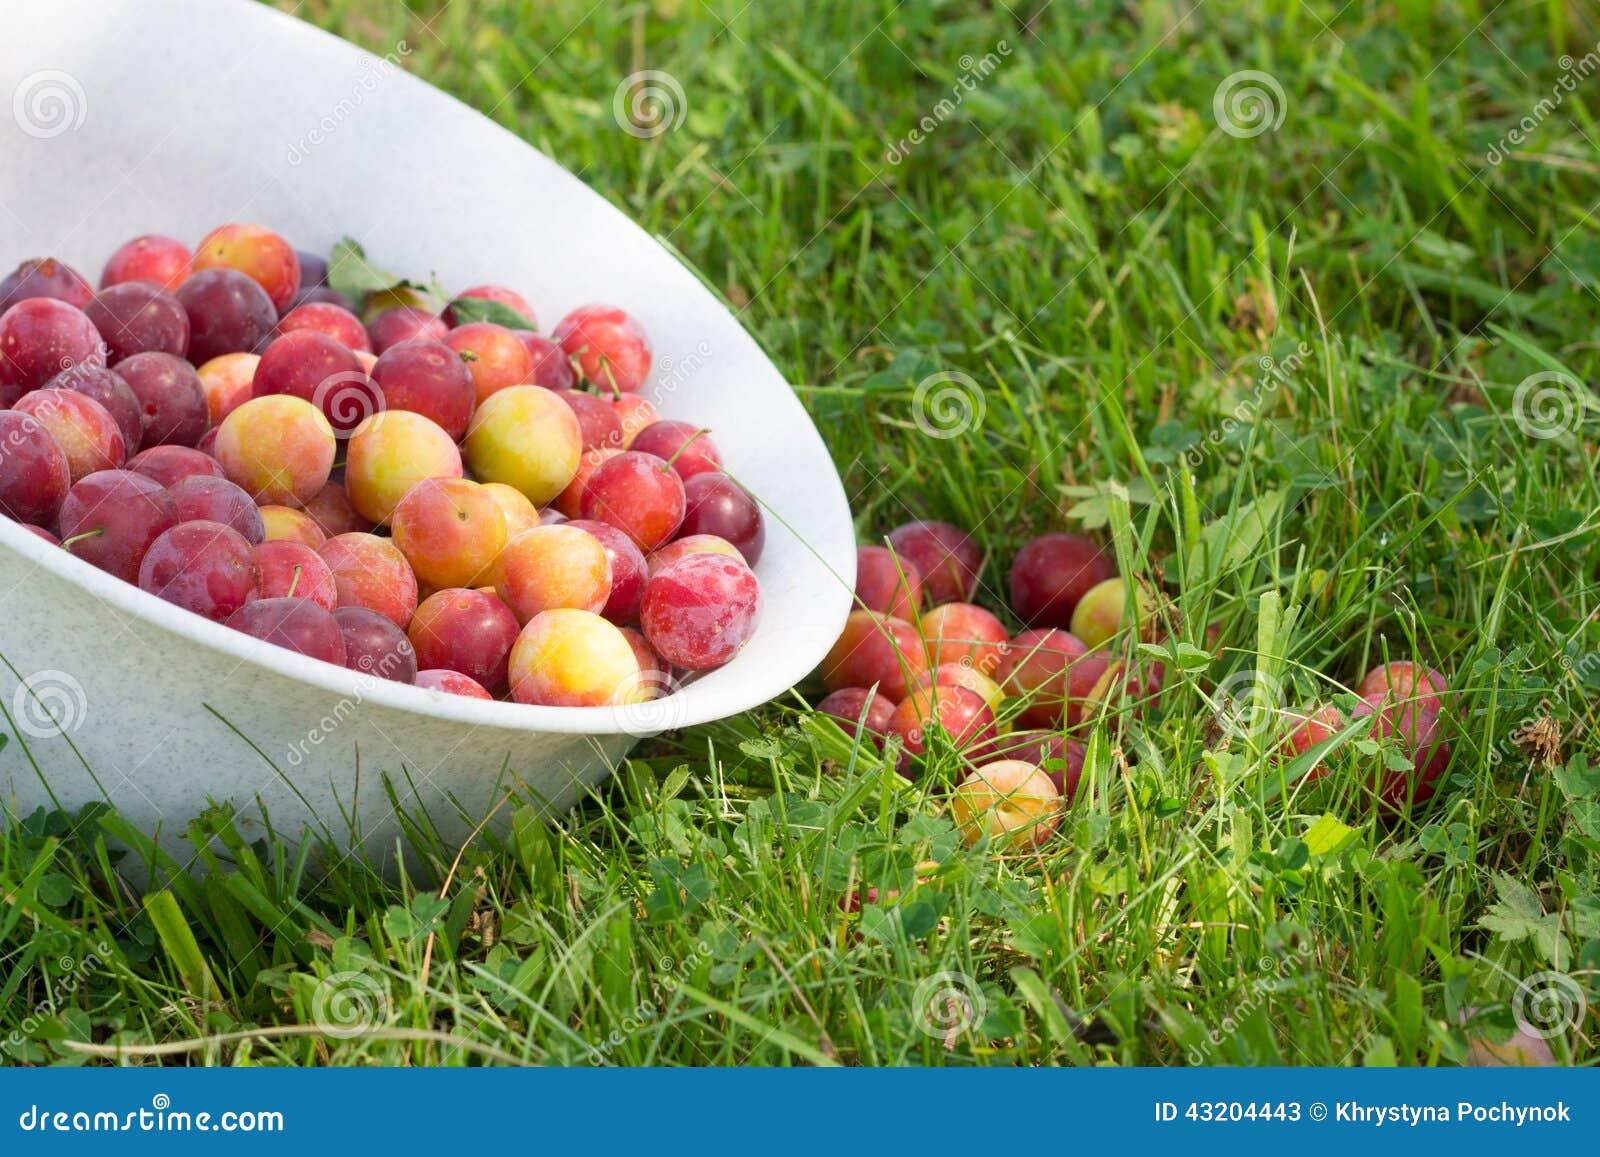 Download Blyloder i trädgård fotografering för bildbyråer. Bild av rått - 43204443